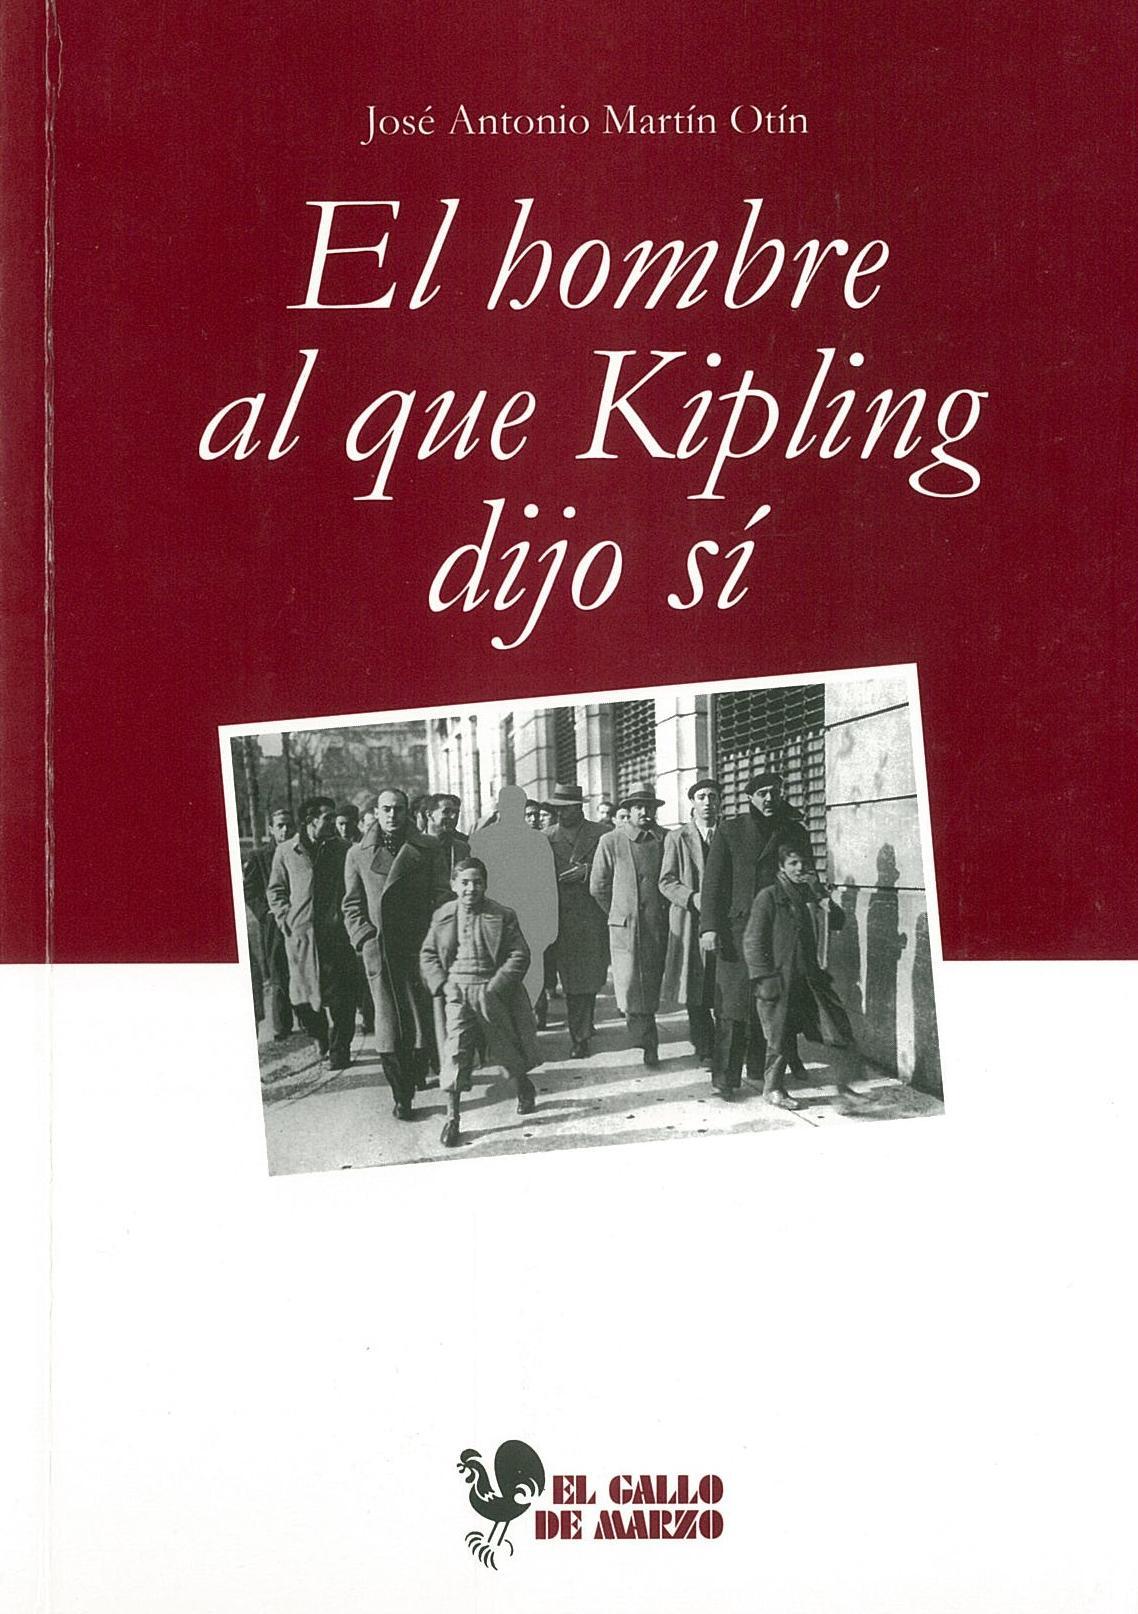 El hombre al que Kipling dijo sí